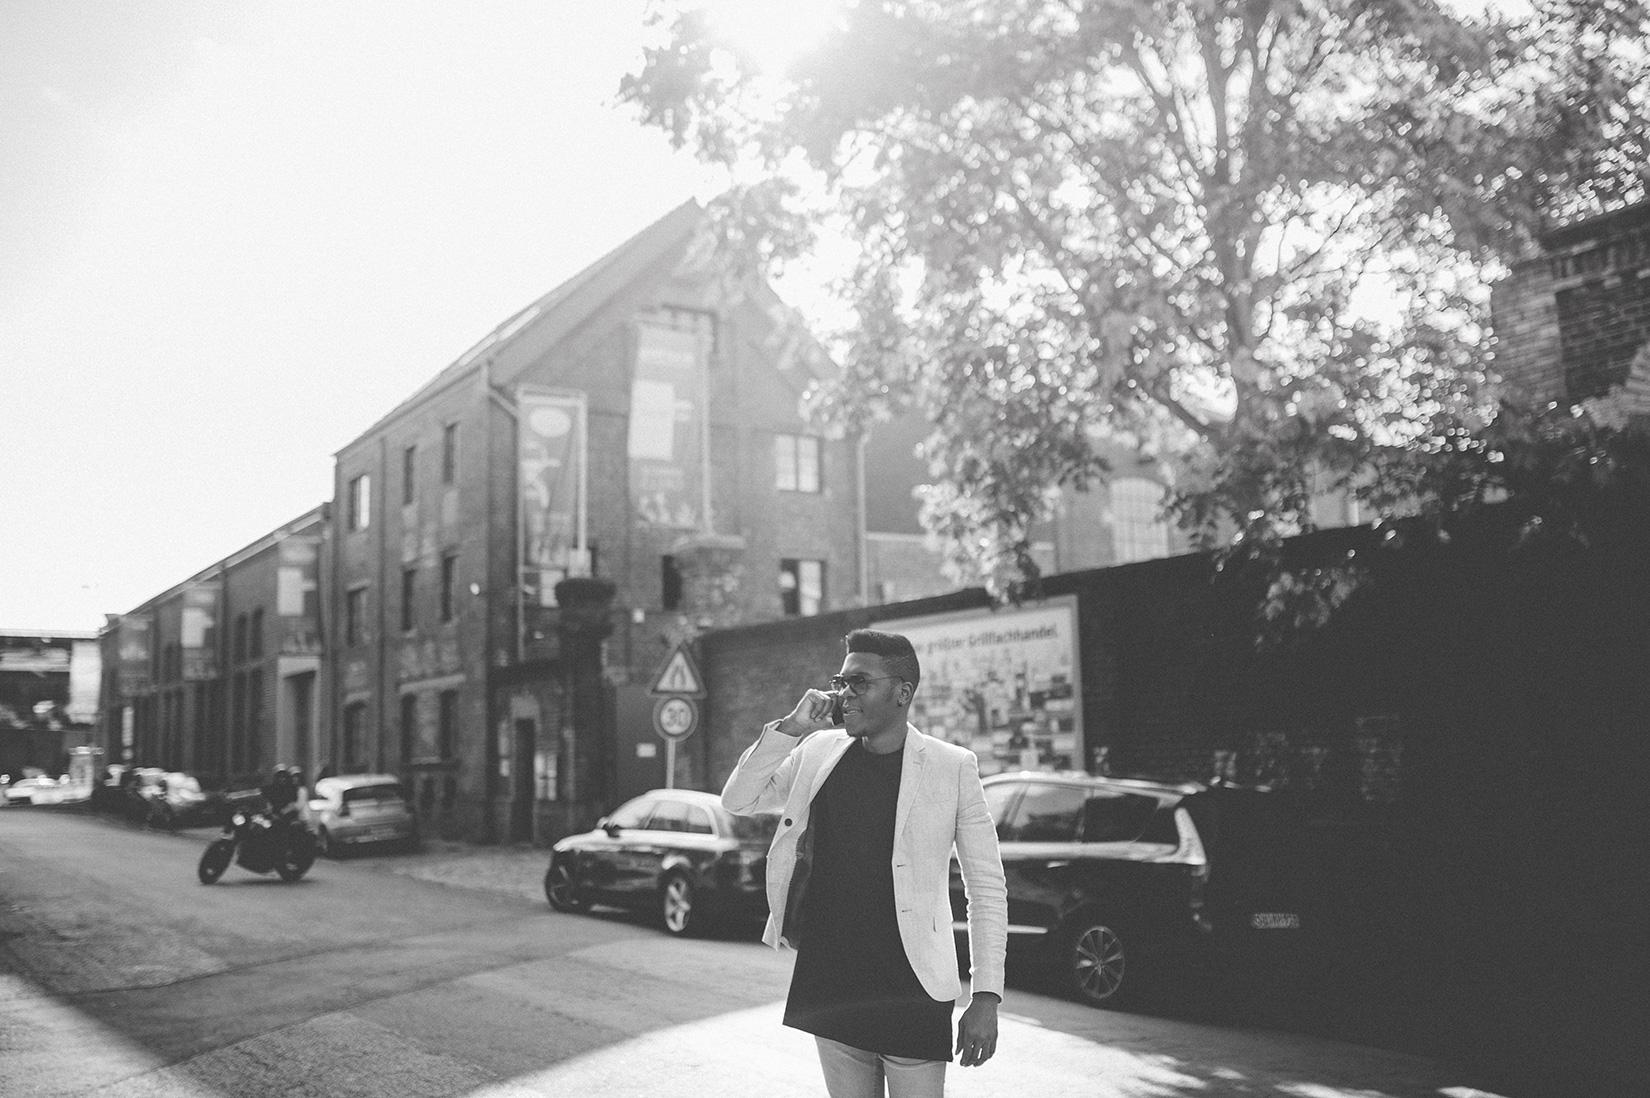 Billy telefoniert mitten auf der Straße - schwarz-weiß